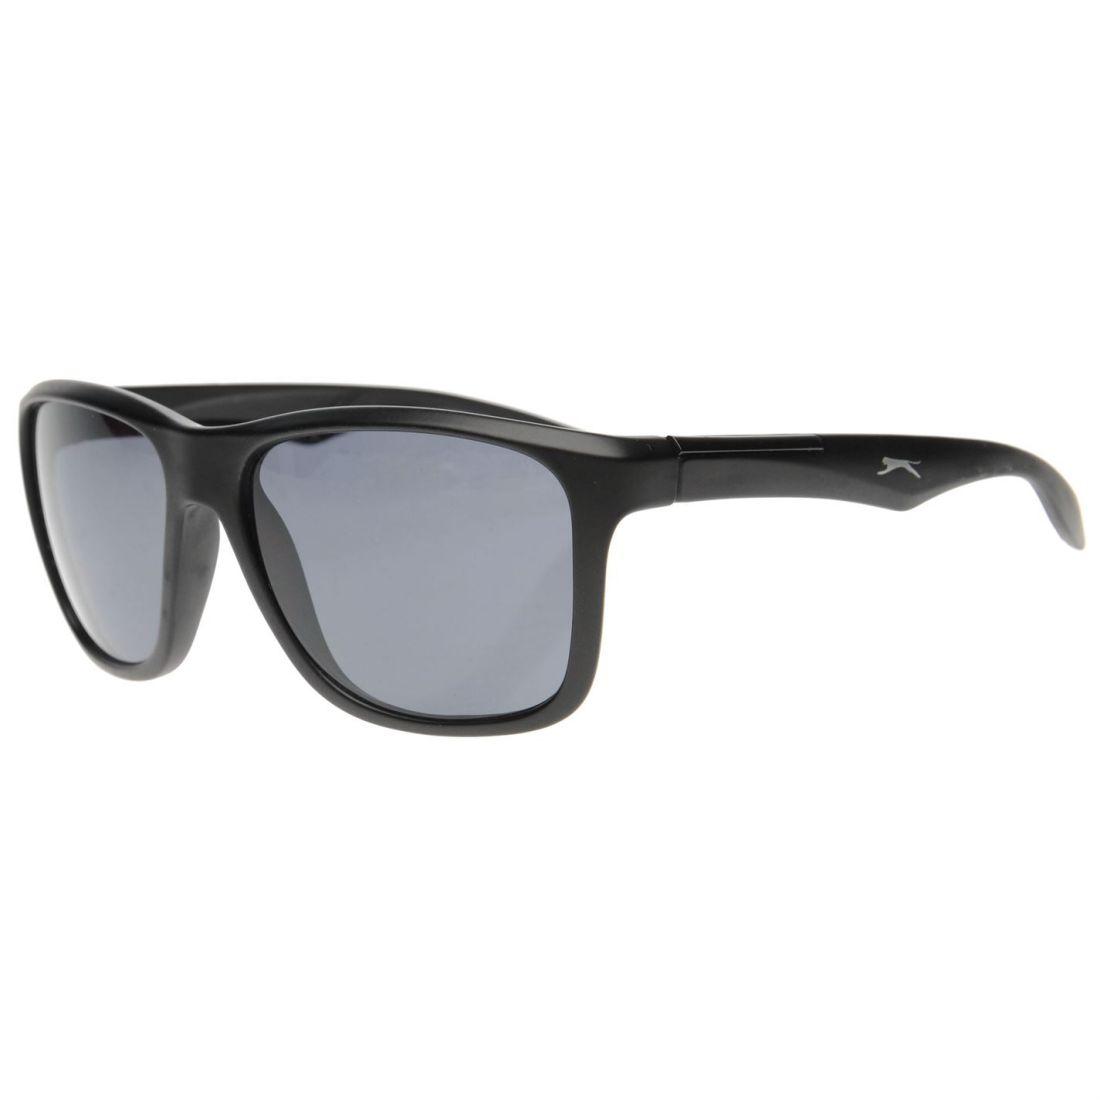 4c83e3128 Slazenger Sunglasses Mens Gents. Slazenger Wayfarer Sunglasses Mens >